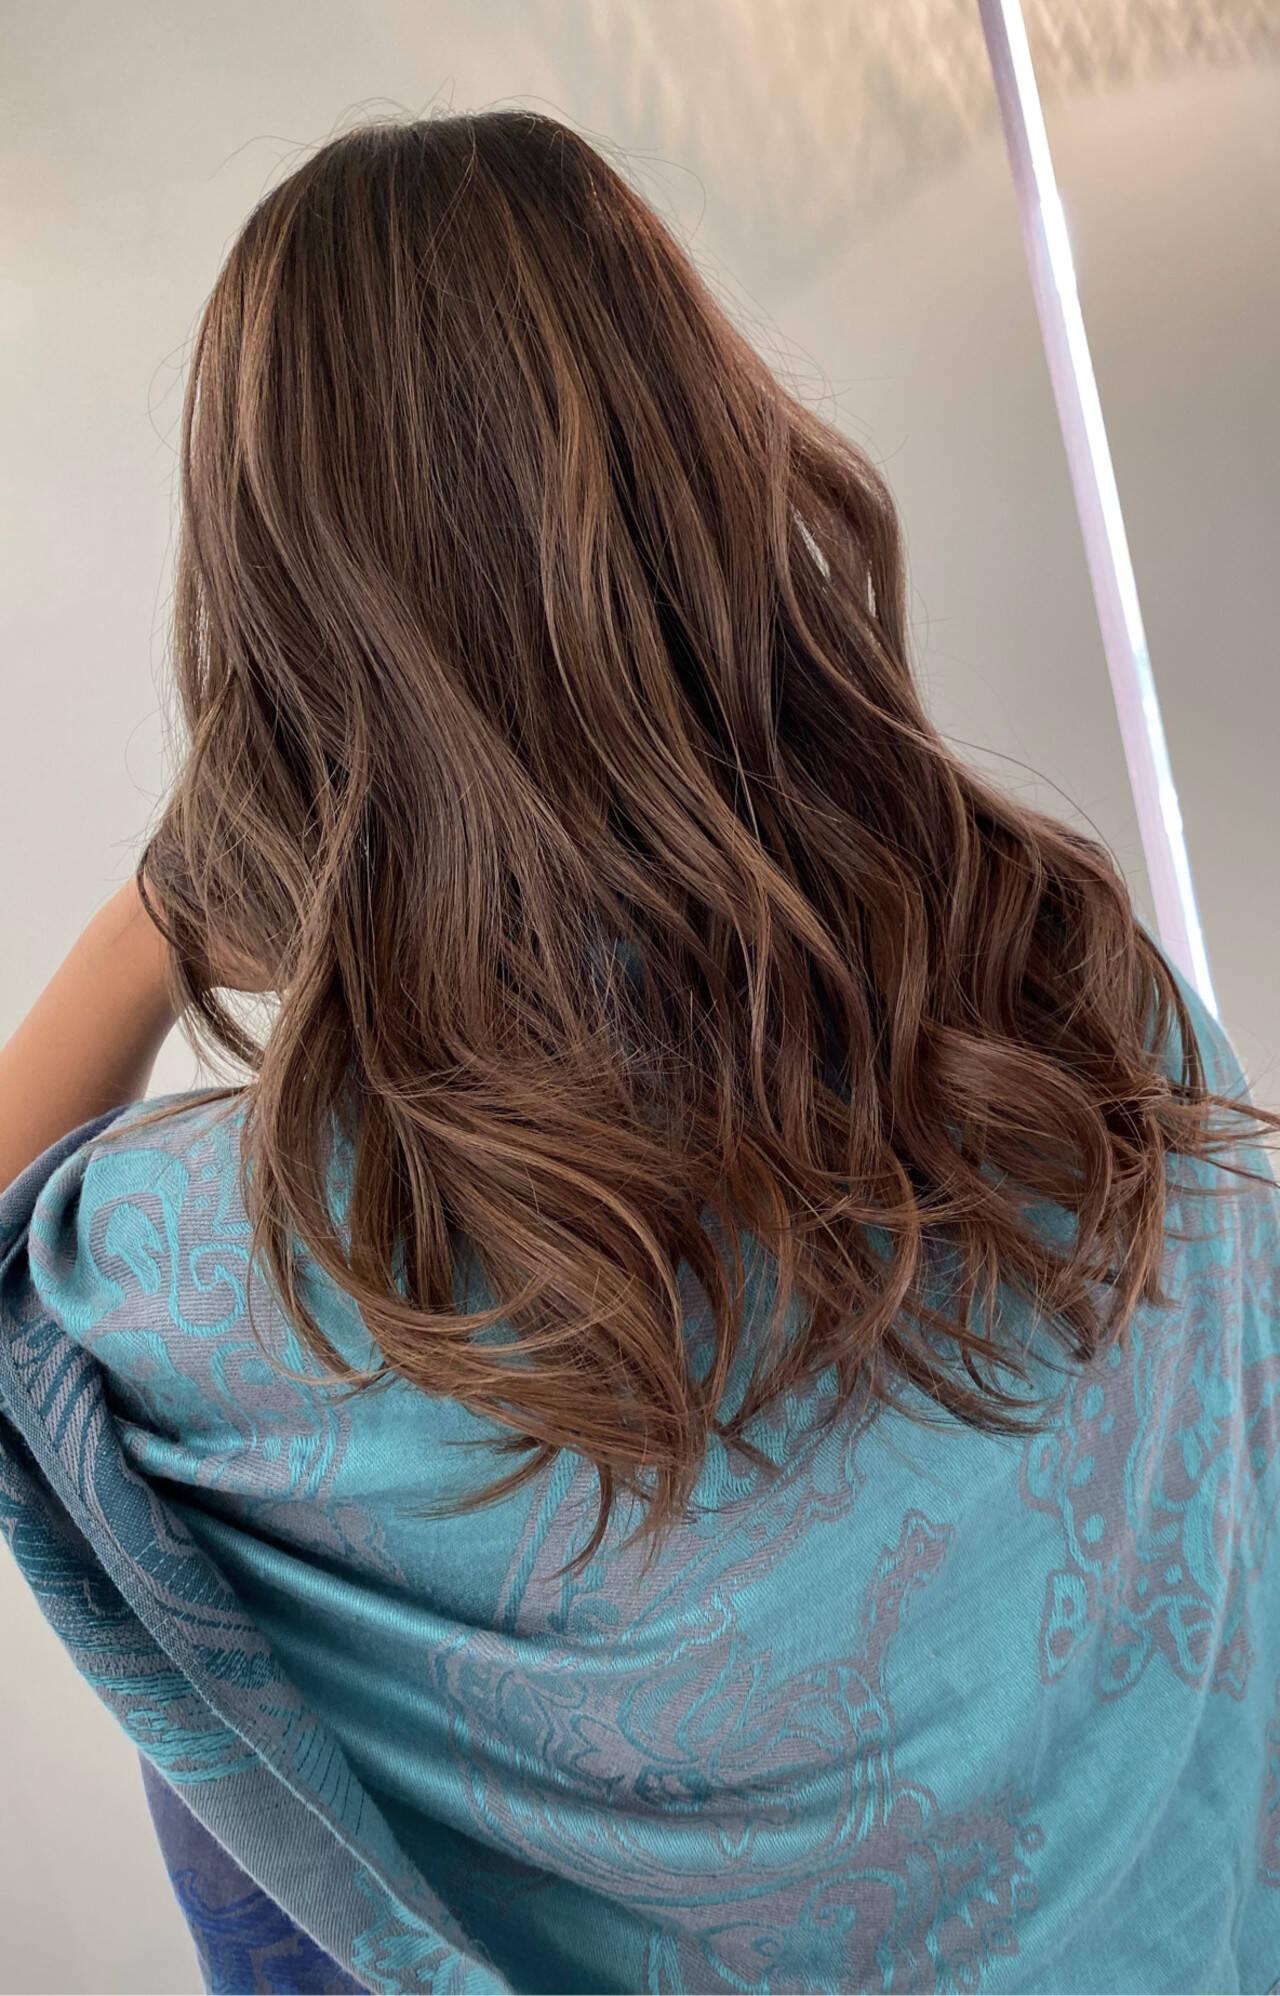 グラデーションカラー ロング エアータッチ バレイヤージュヘアスタイルや髪型の写真・画像